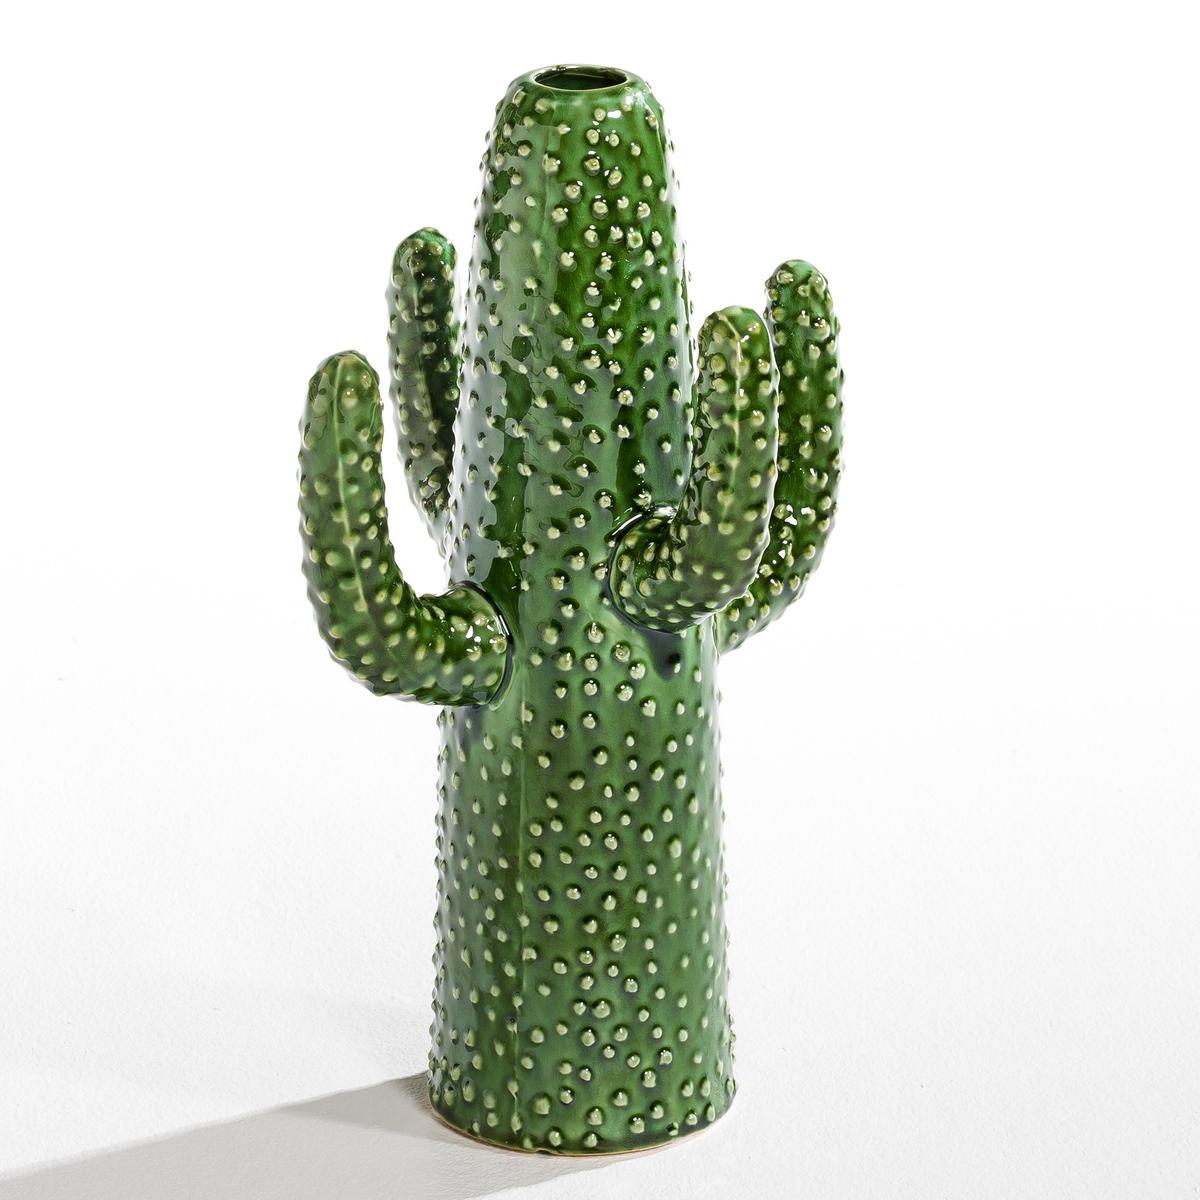 Ваза Cactus, высота 40 см, дизайн М.Михельссен для Serax